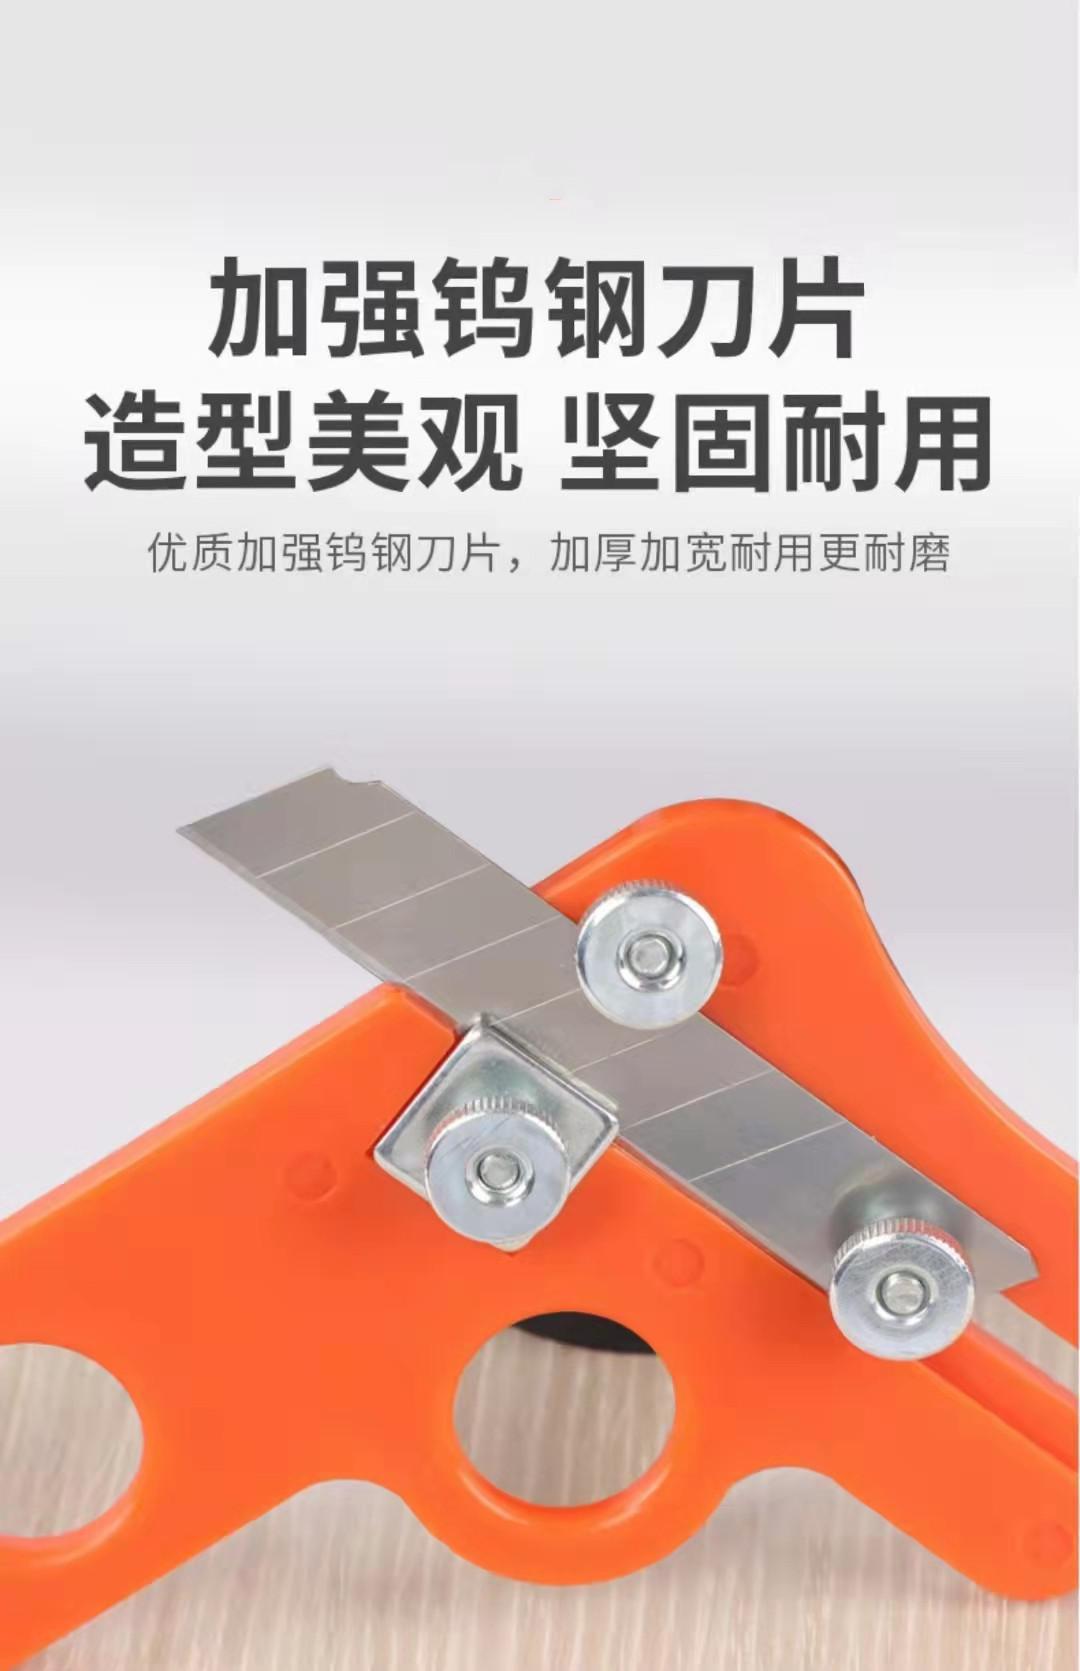 德阳免漆生态板封边条修边器手动修边器